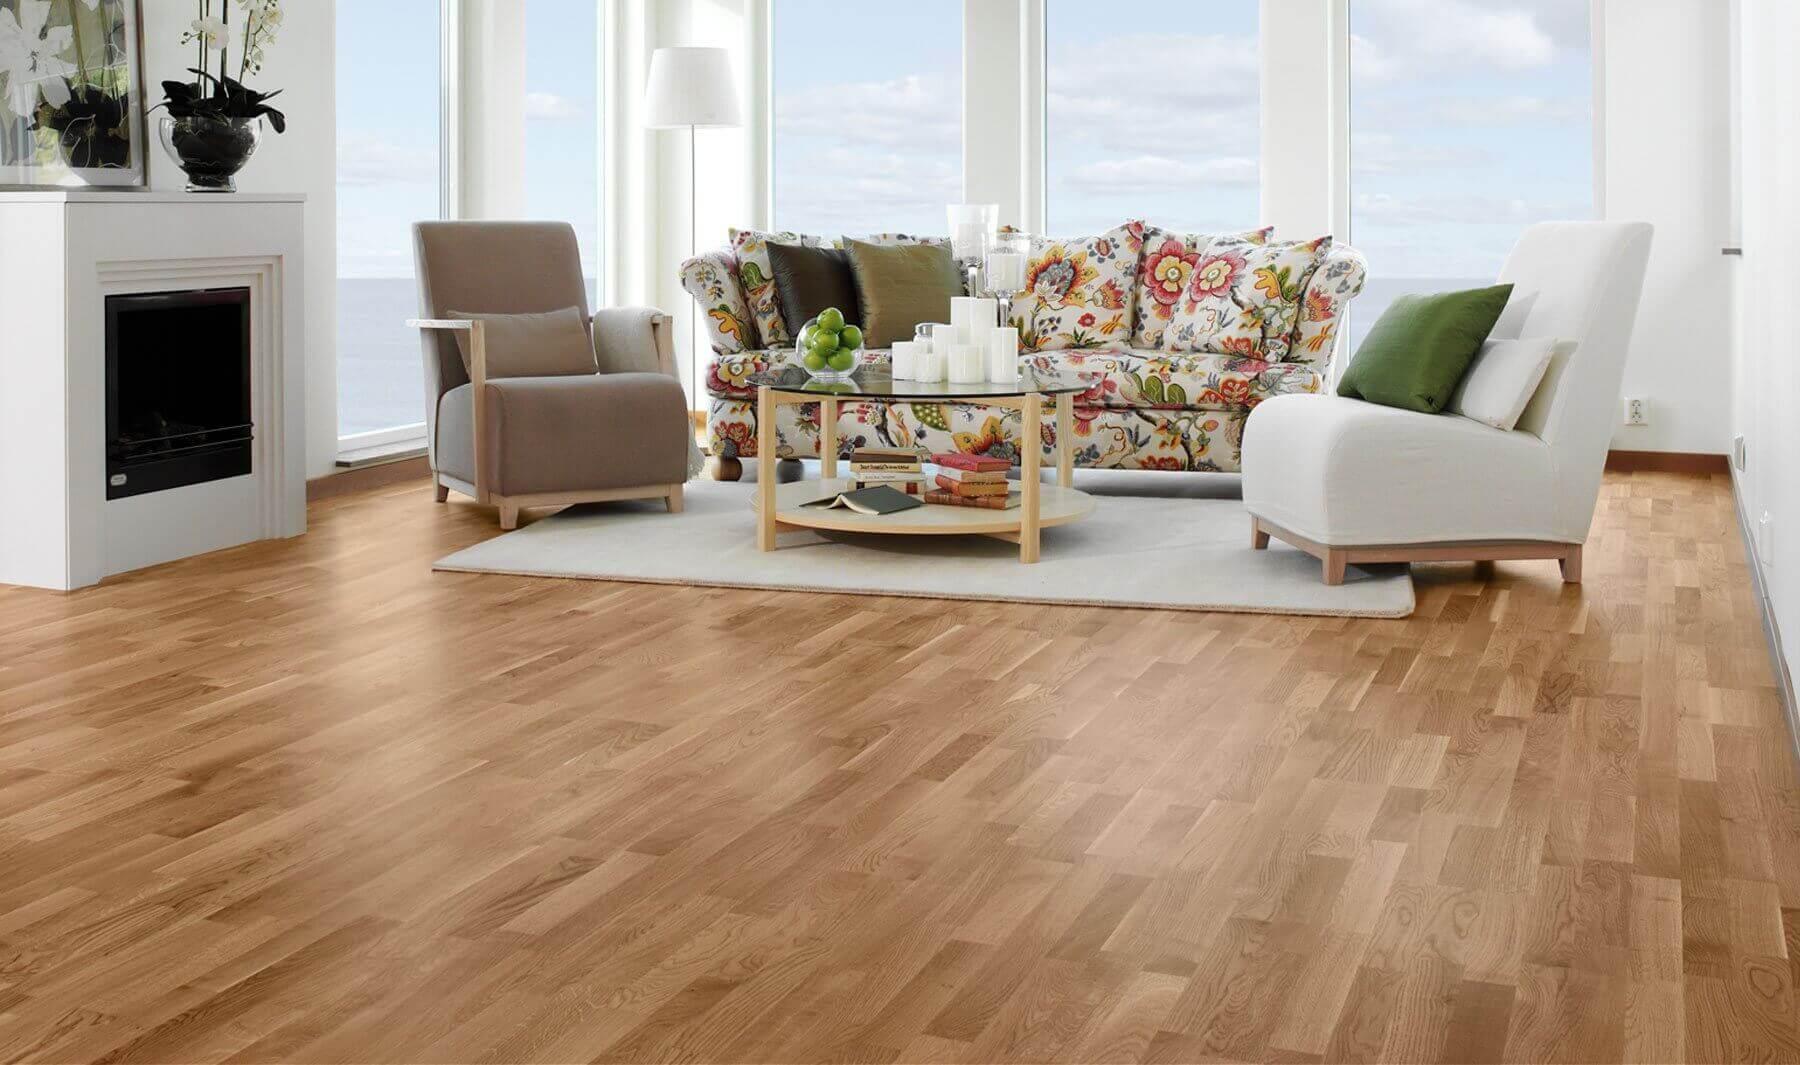 huiskamer met houten vloer